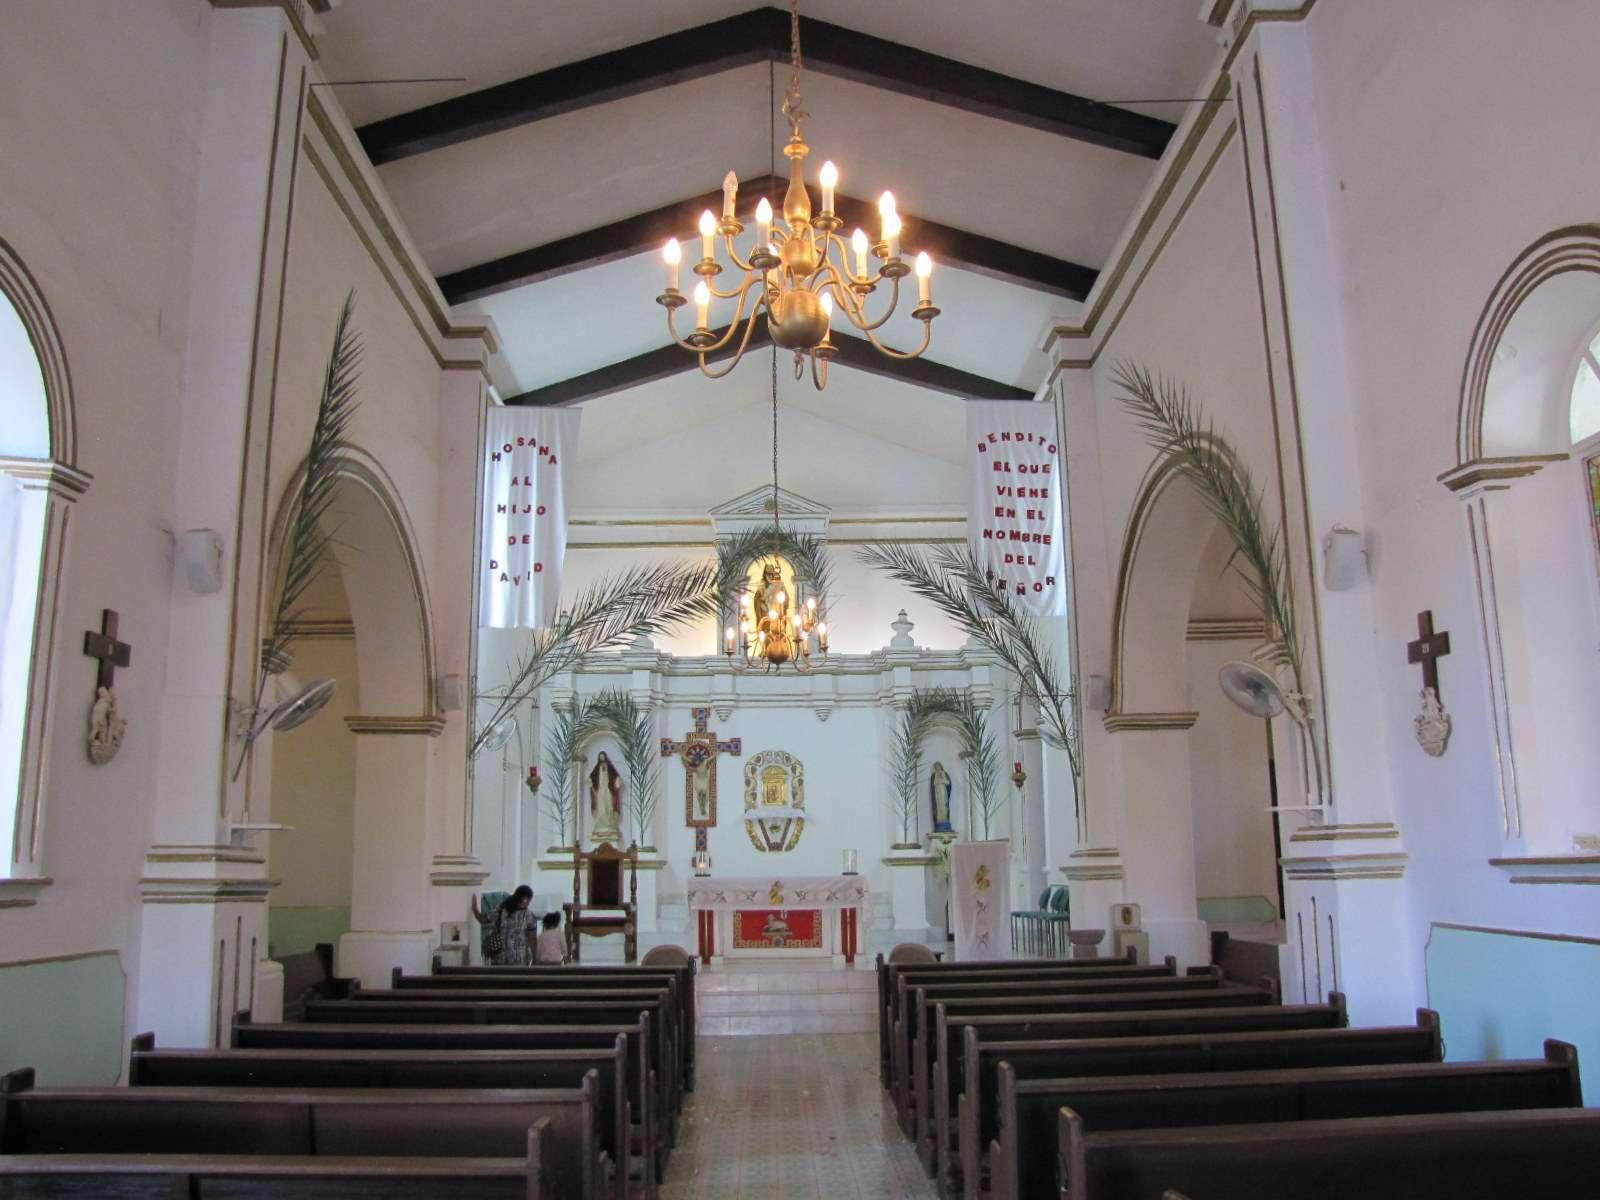 Interior of church in San Jose del Cabo